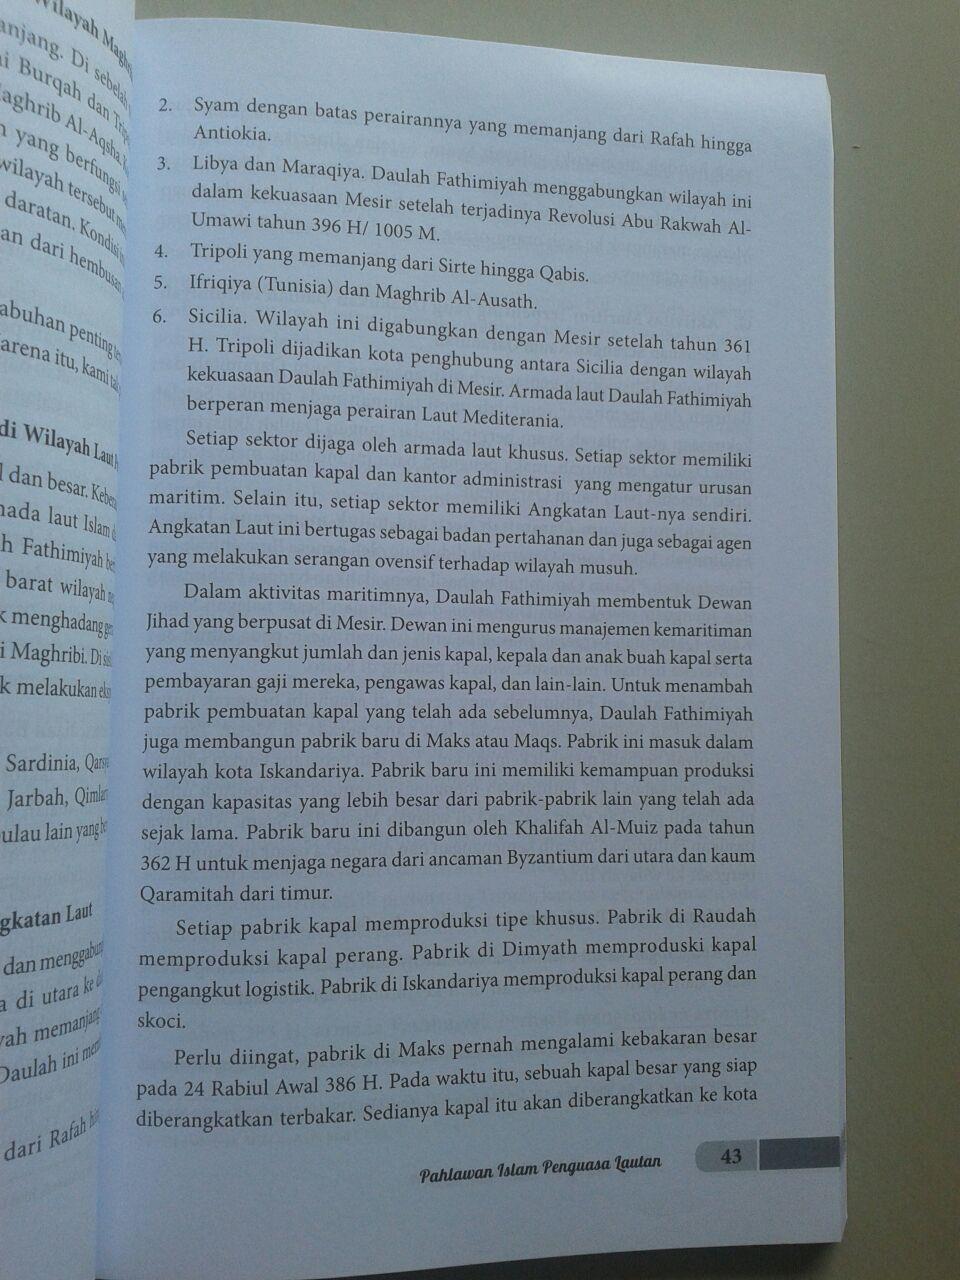 Buku Pahlawan Islam Penguasa Lautan isi 2